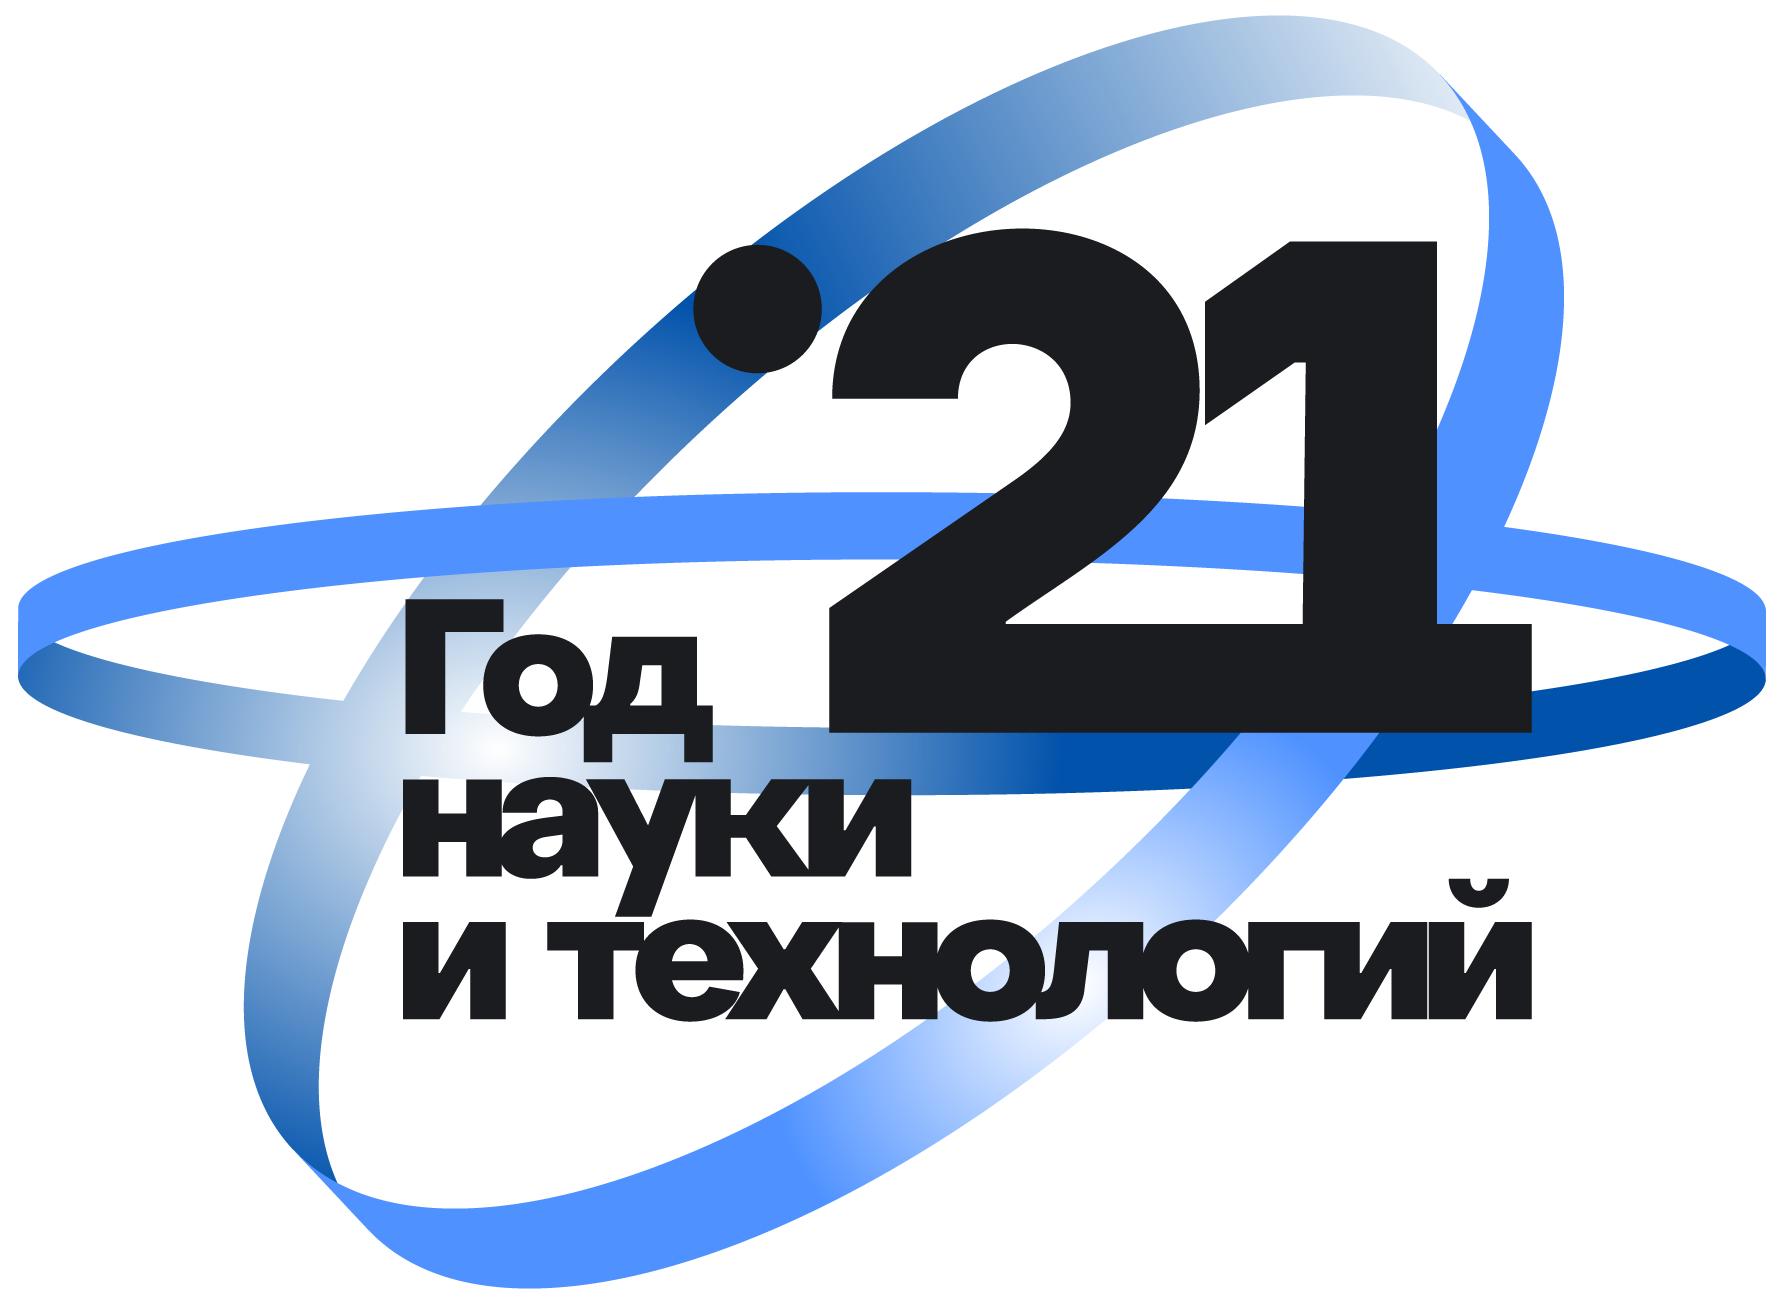 YoS_logo2 - копия